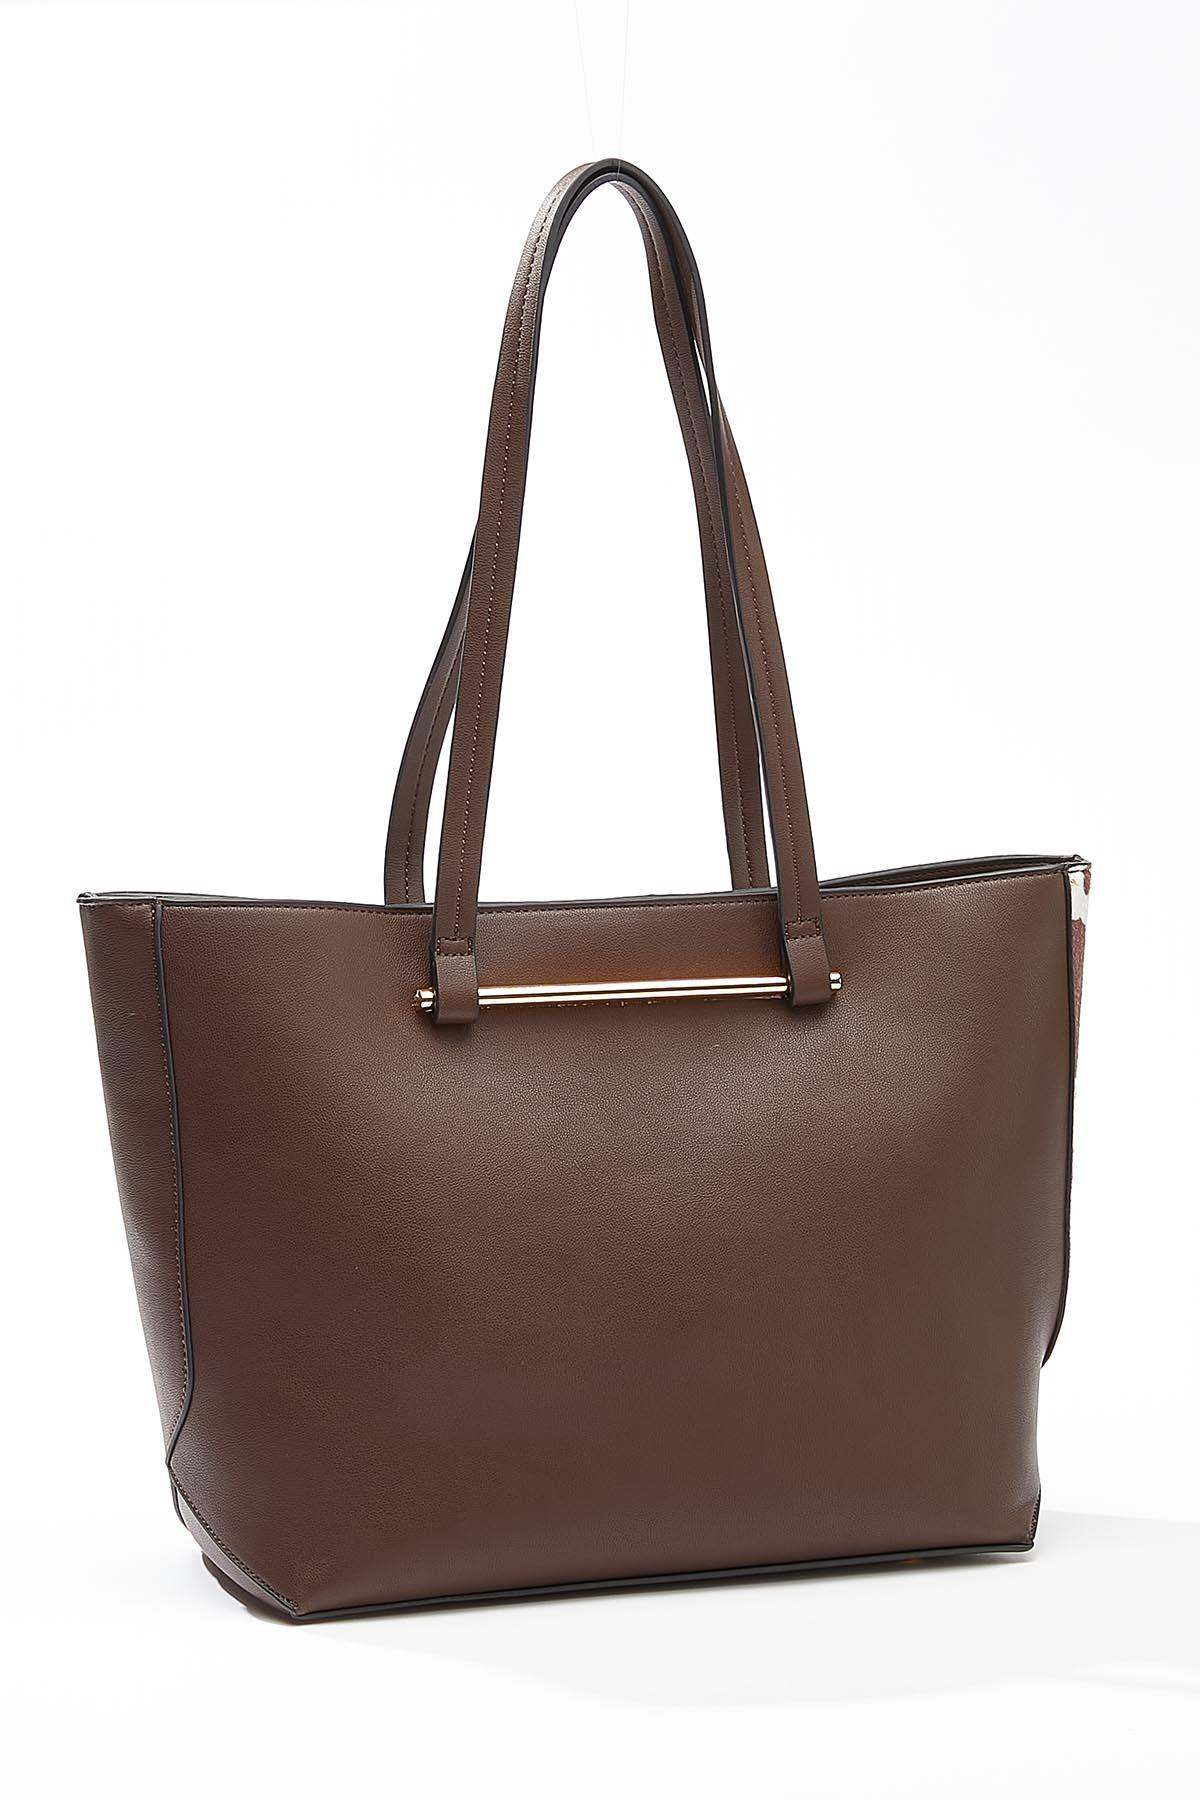 Cow Panel Bag-In-Bag Tote (Item #44722915)